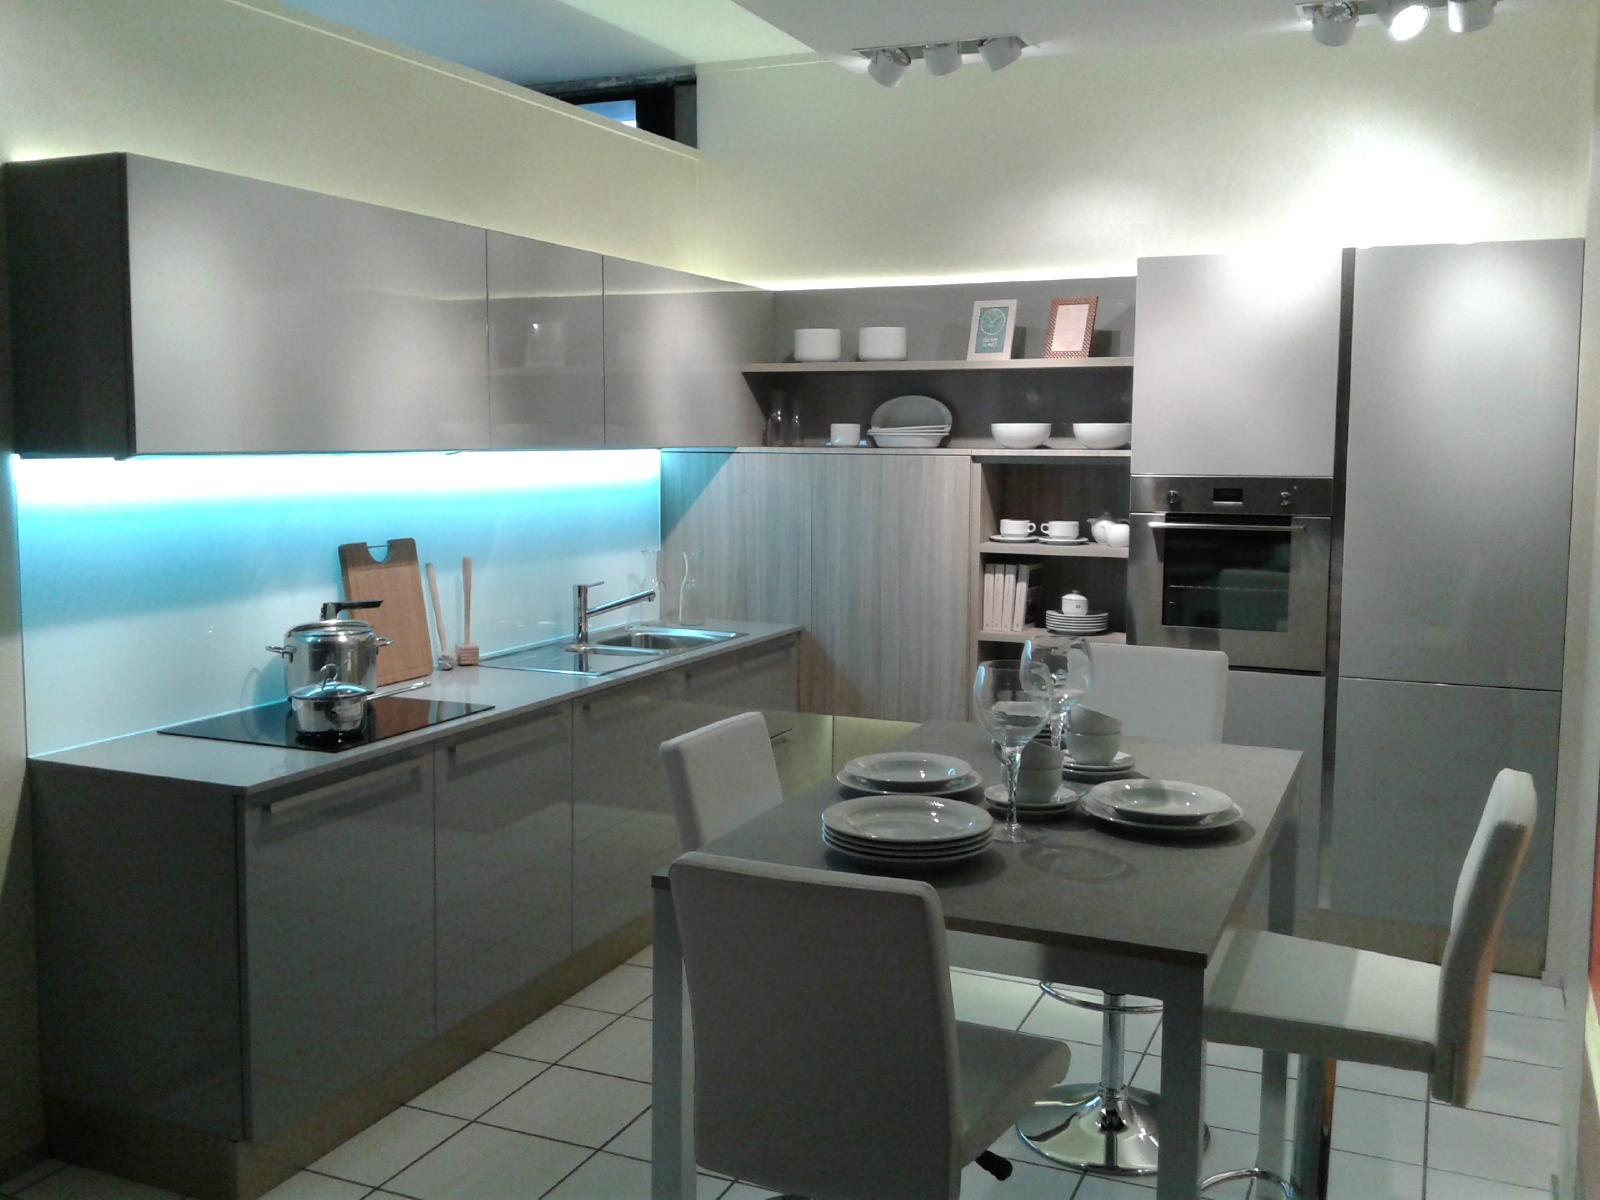 Cucina Veneta Cucine Carrera go plus Laccato Lucido - Cucine a ...